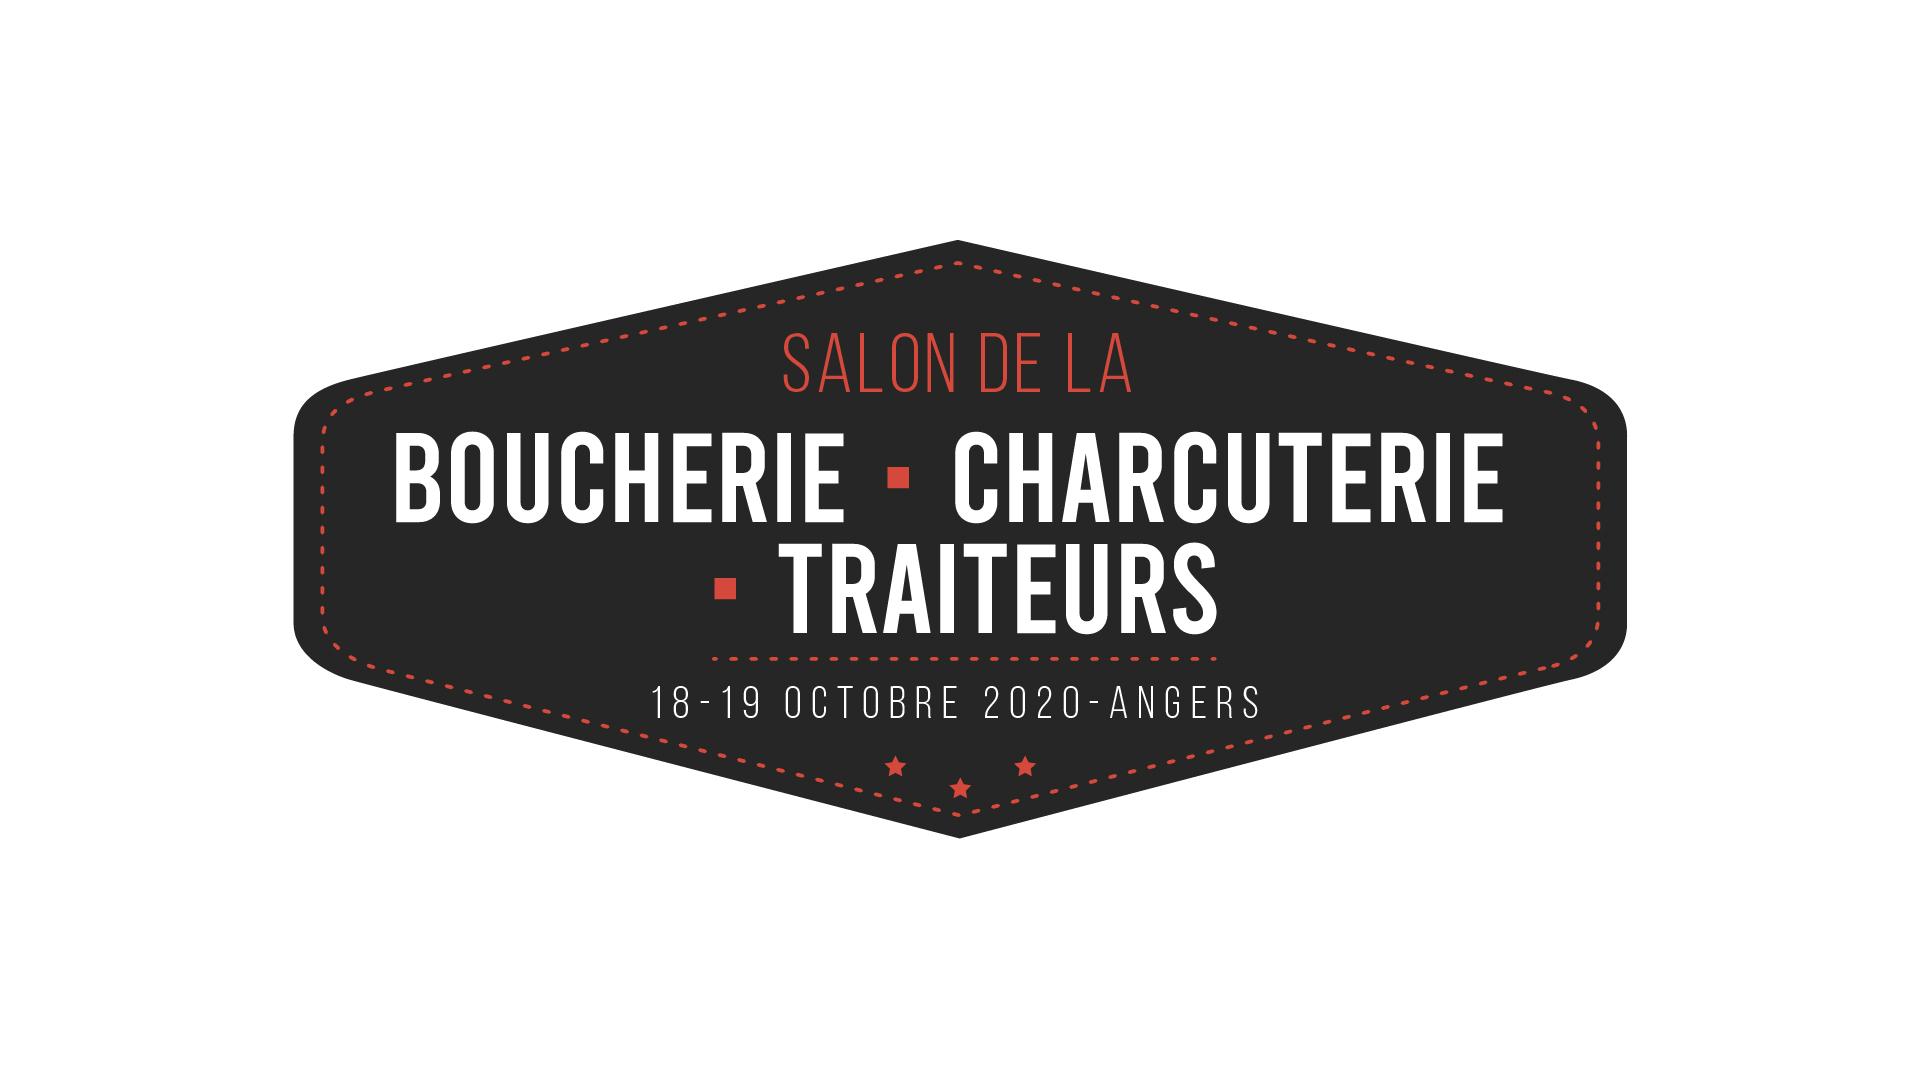 SALON DE LA BOUCHERIE CHARCUTERIE TRAITEURS